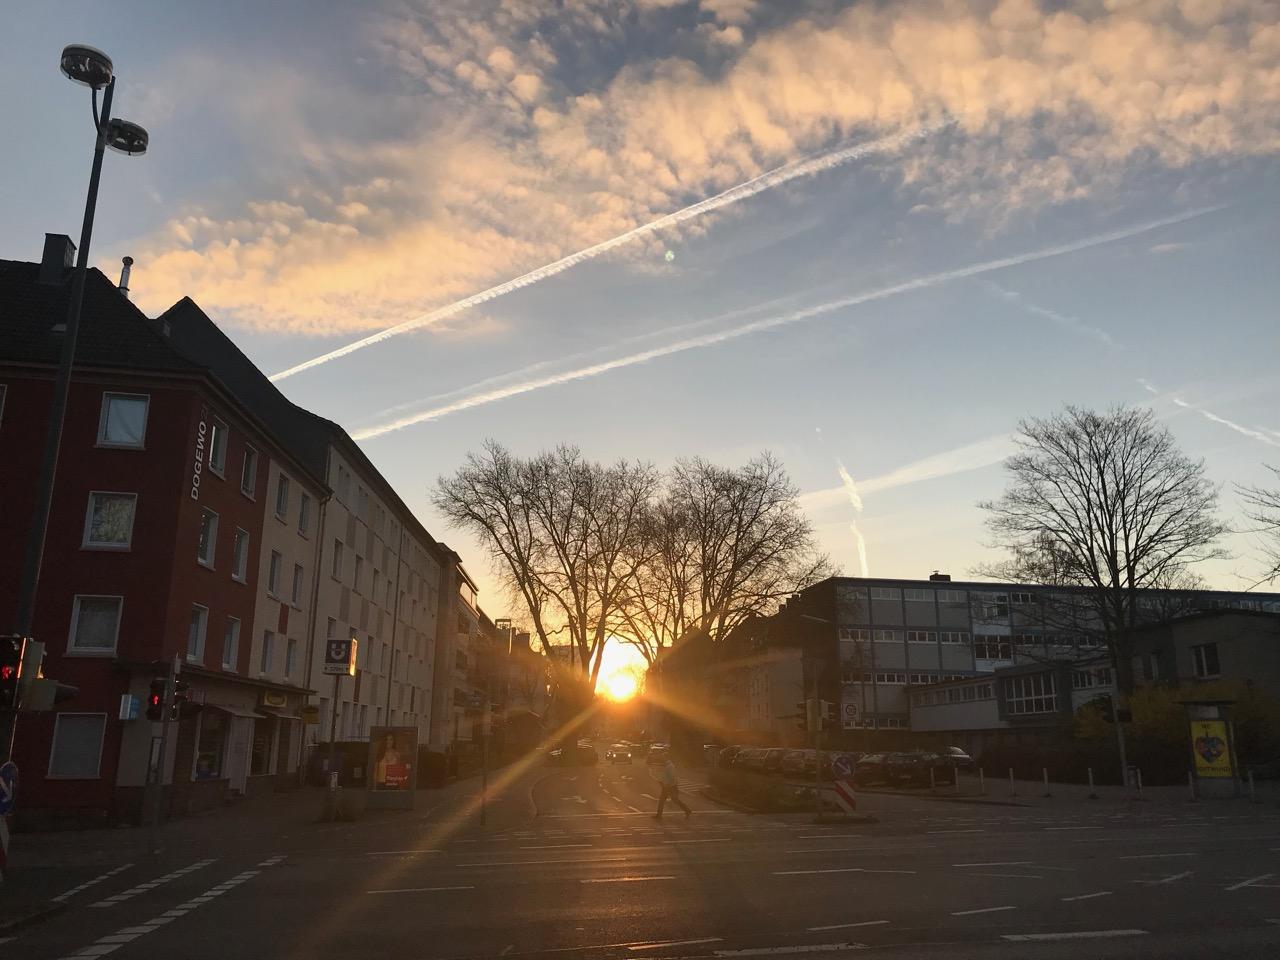 Sonnenaufgang auf dem Weg zur Arbeit